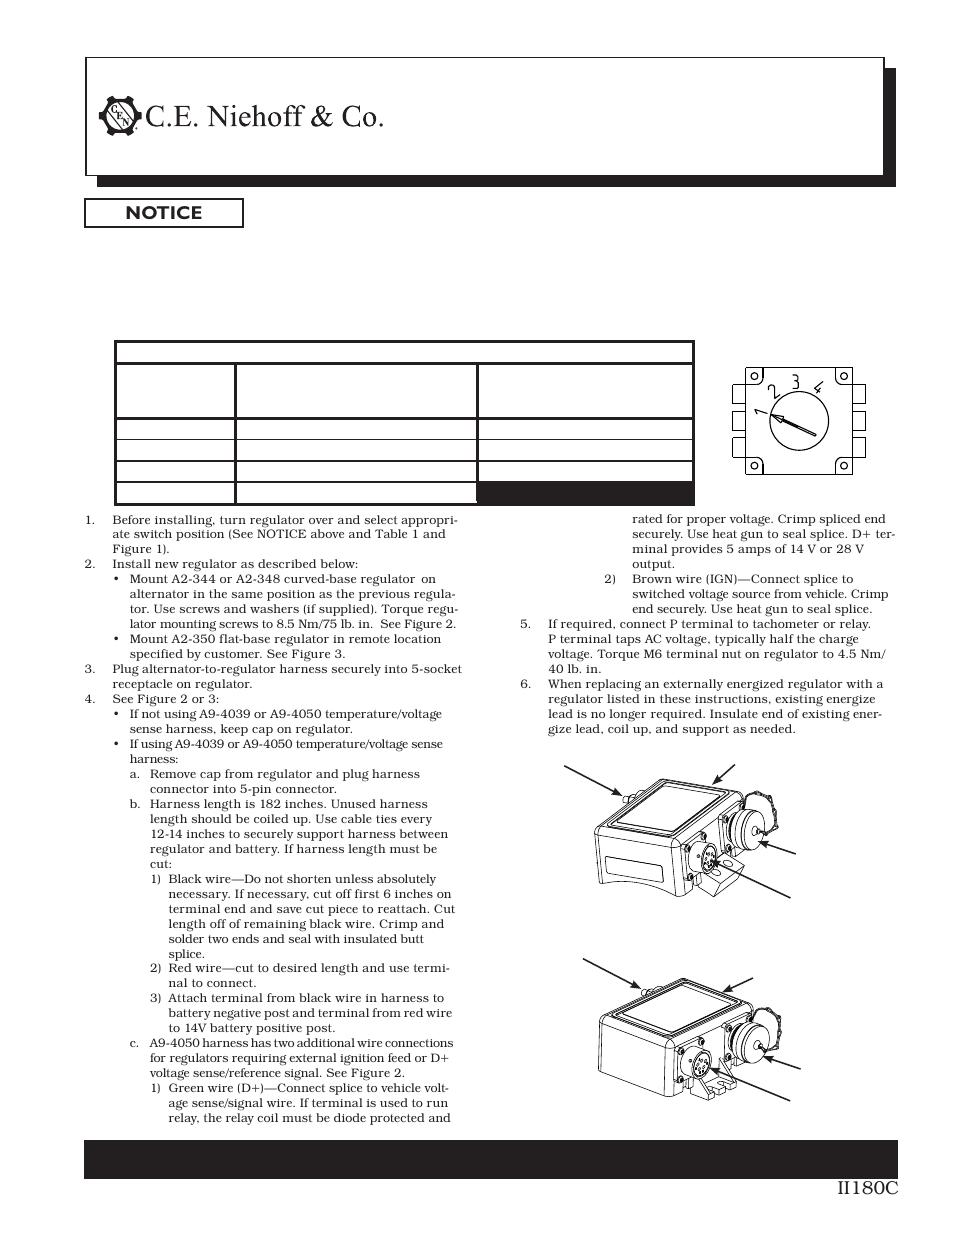 C.E. Niehoff & Co. A2-344/A2-348/A2-350 Regulator